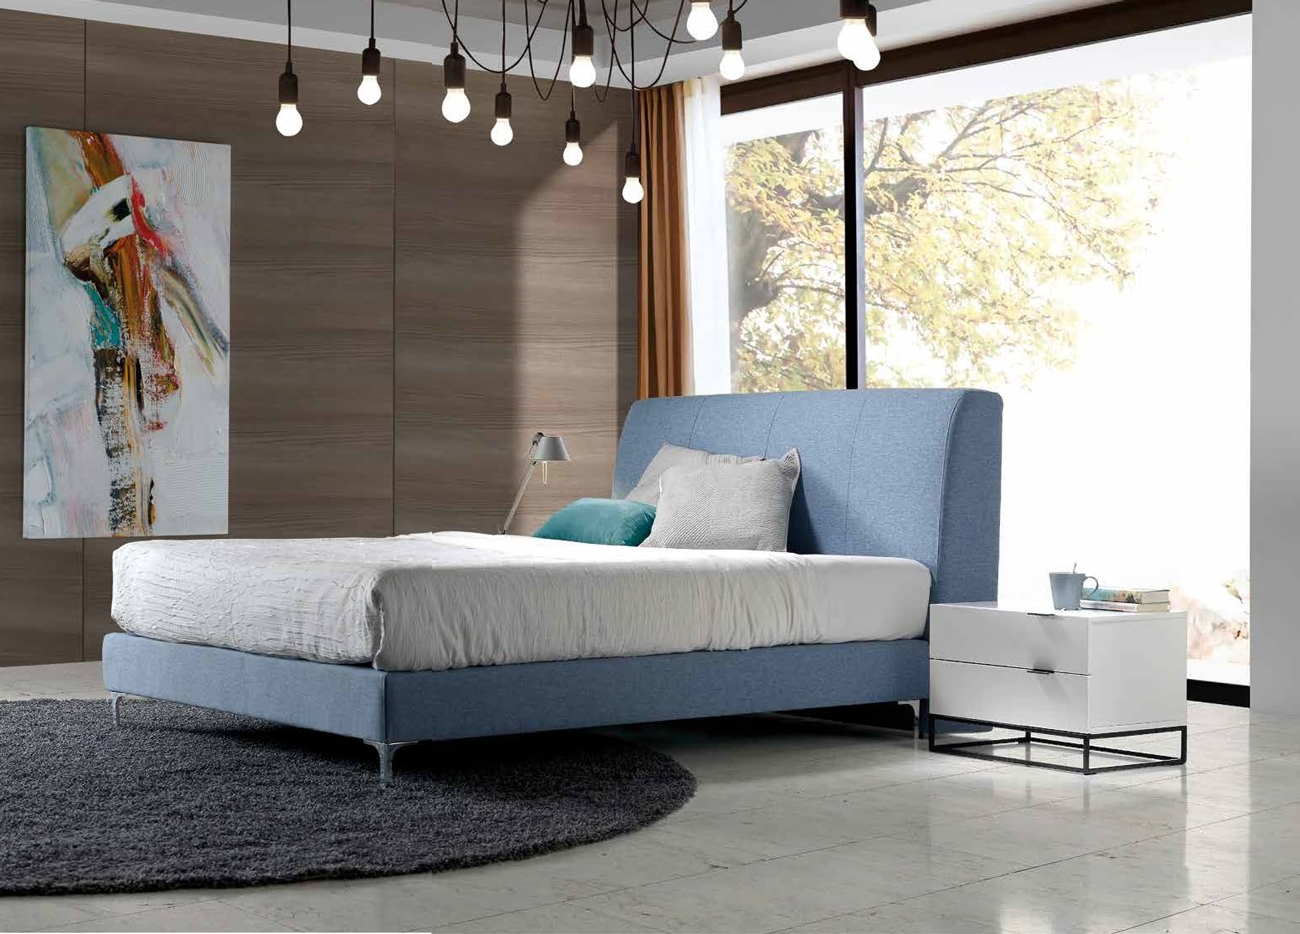 CAMA MODELO SOHO - CAMA MODELO SOHO. Cama doble de canapé fijo y cabecero acolchado con costuras verticales.